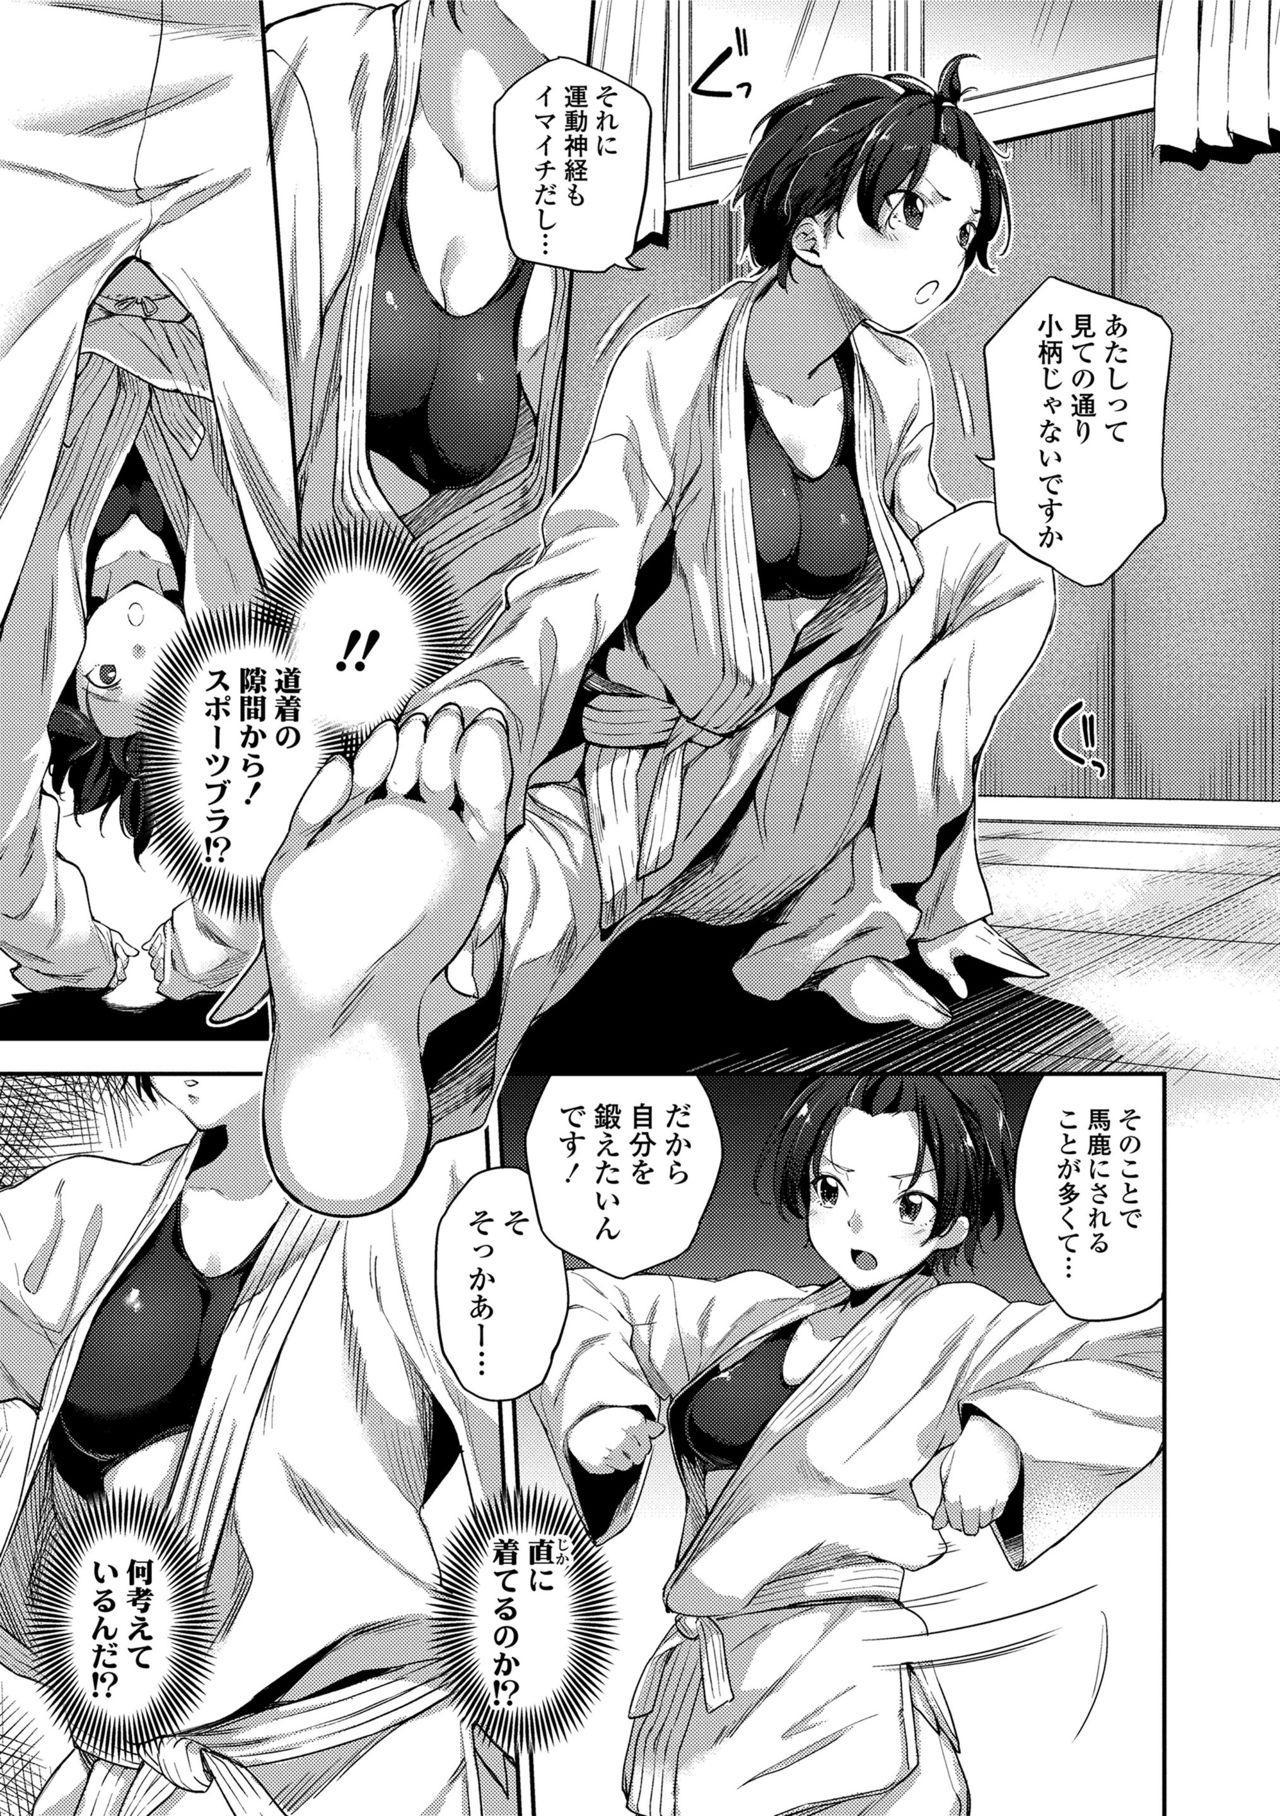 Ai ga Nakutemo Ecchi wa Dekiru! - Even if There is No Love You Can H! 86